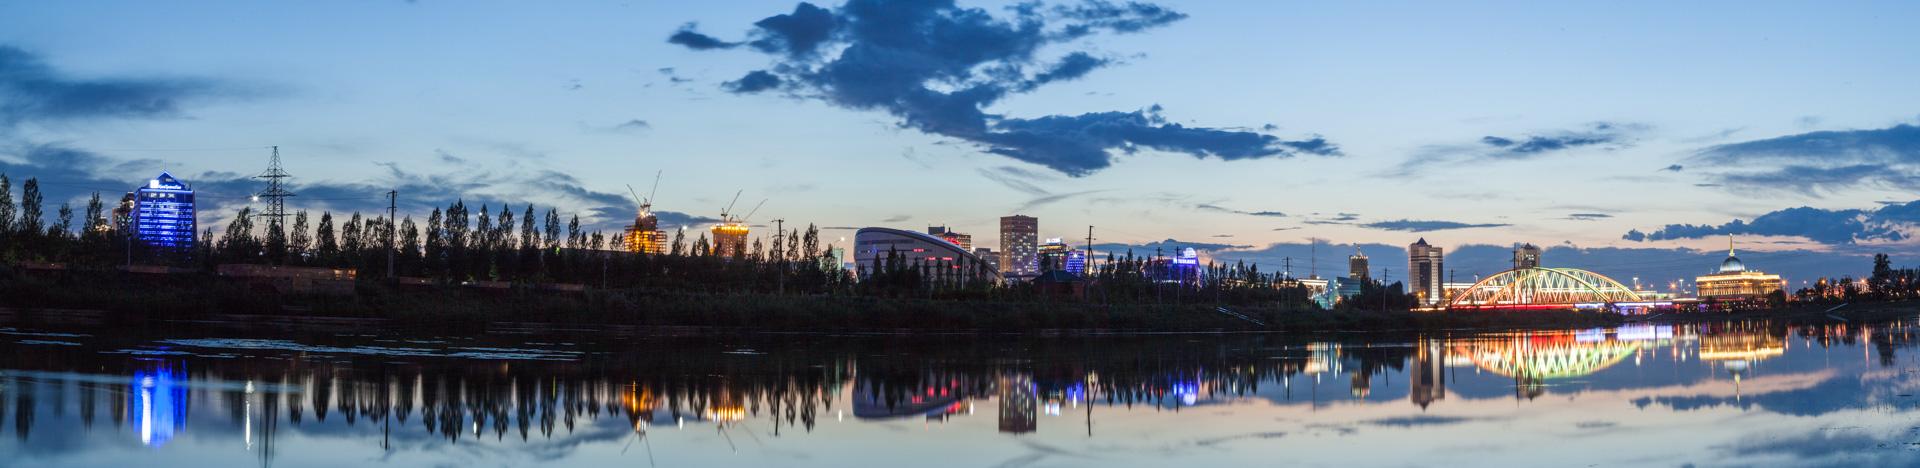 ночная Астана панорама